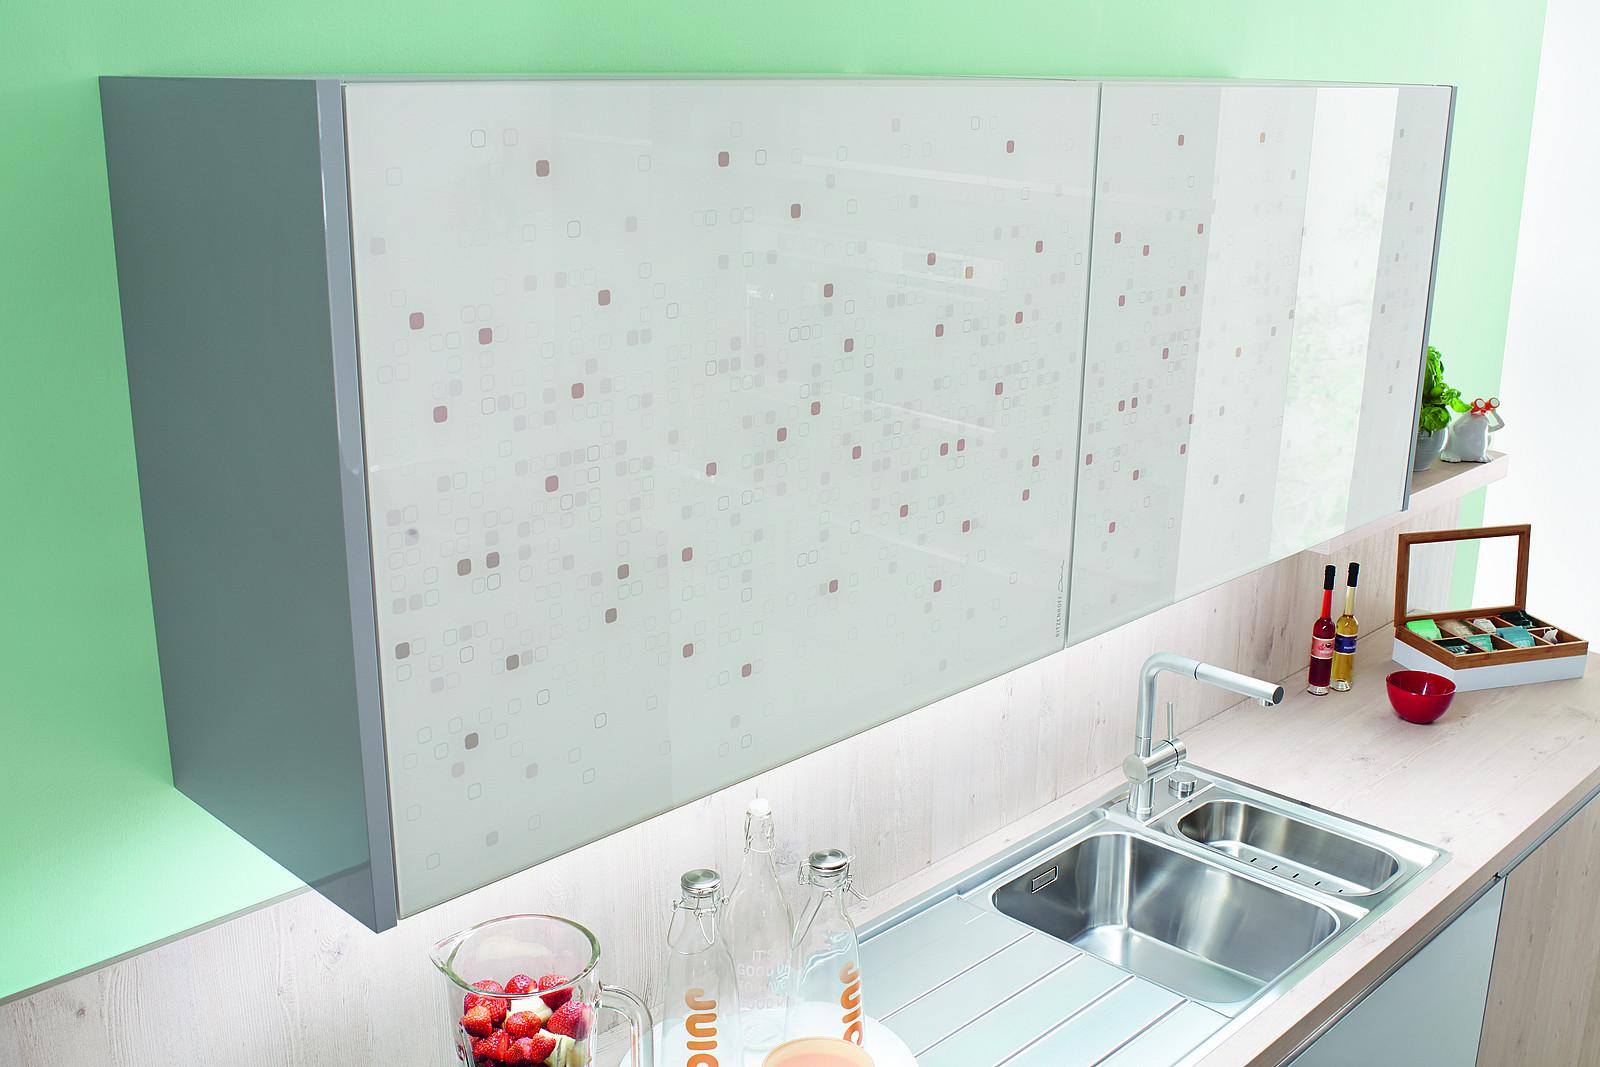 Full Size of Kchenfronten Im Berblick Welche Ist Richtige Nolte Küche Schlafzimmer Betten Küchen Regal Wohnzimmer Nolte Küchen Glasfront